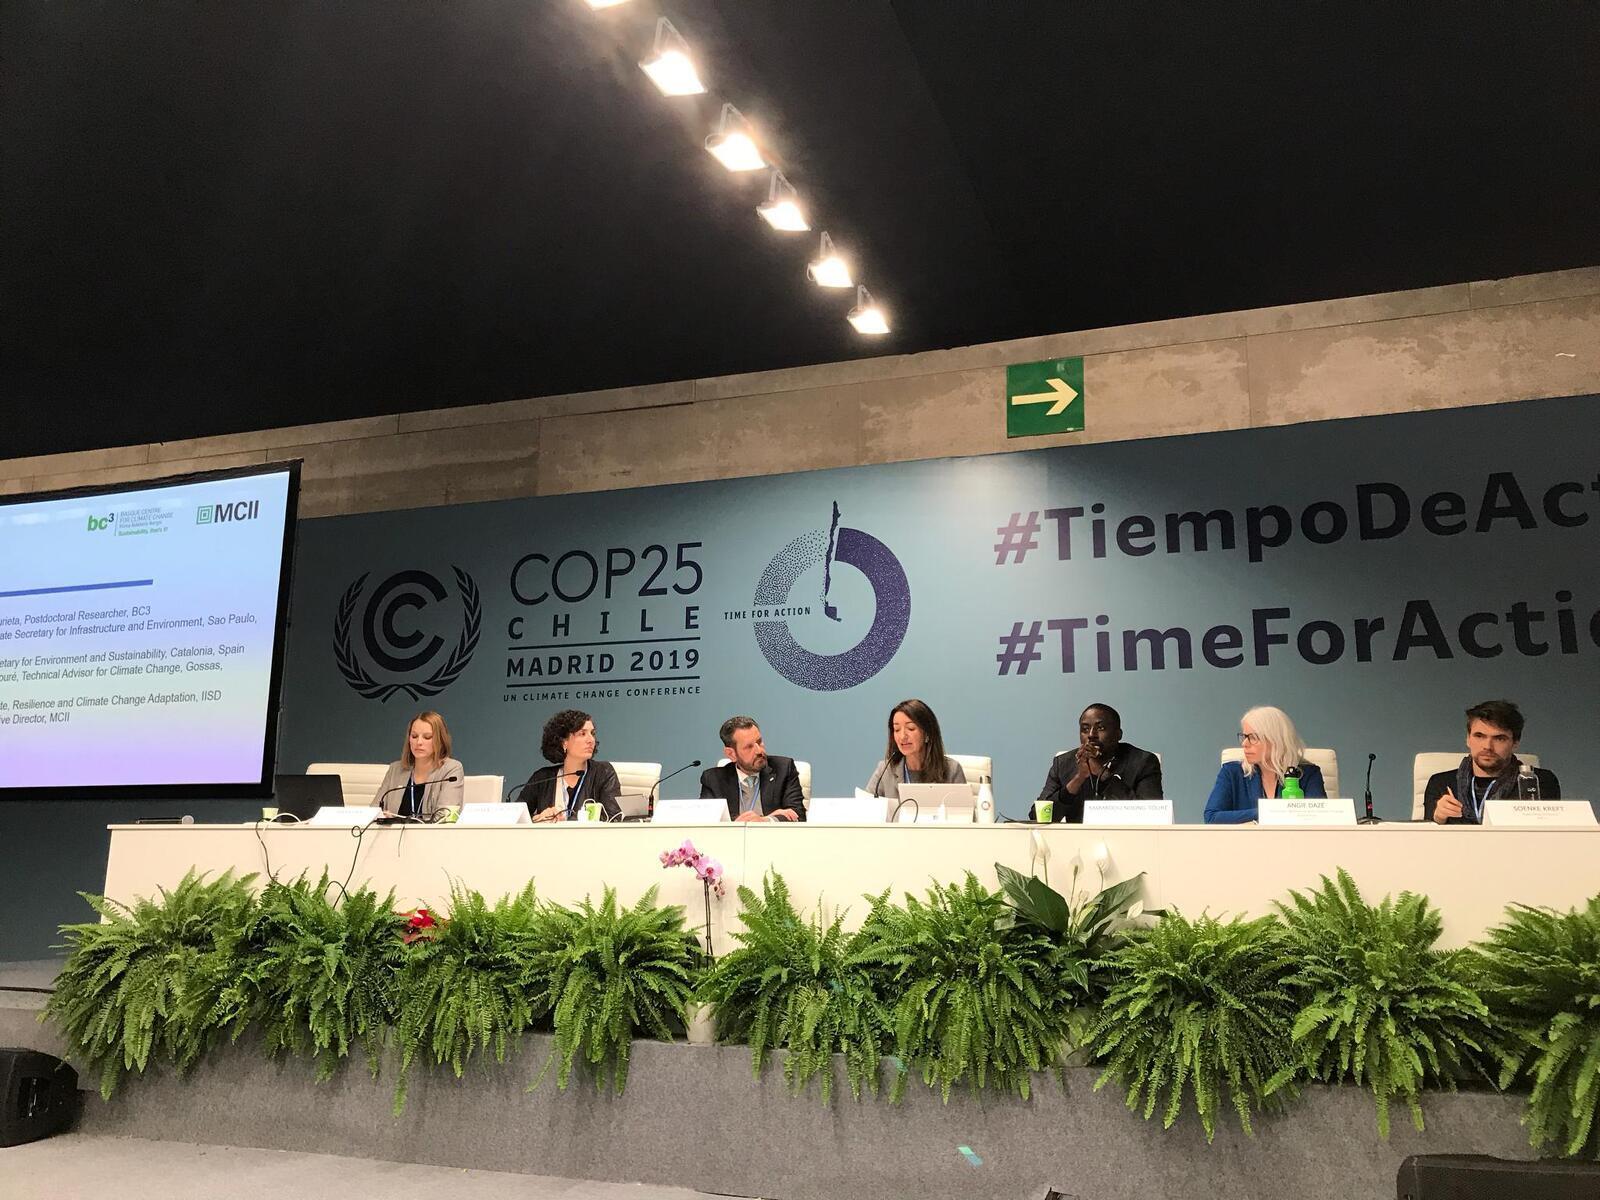 La secretària de Medi Ambient i Sostenibilitat, Marta Subirà, prenent part en un acte de la COP25